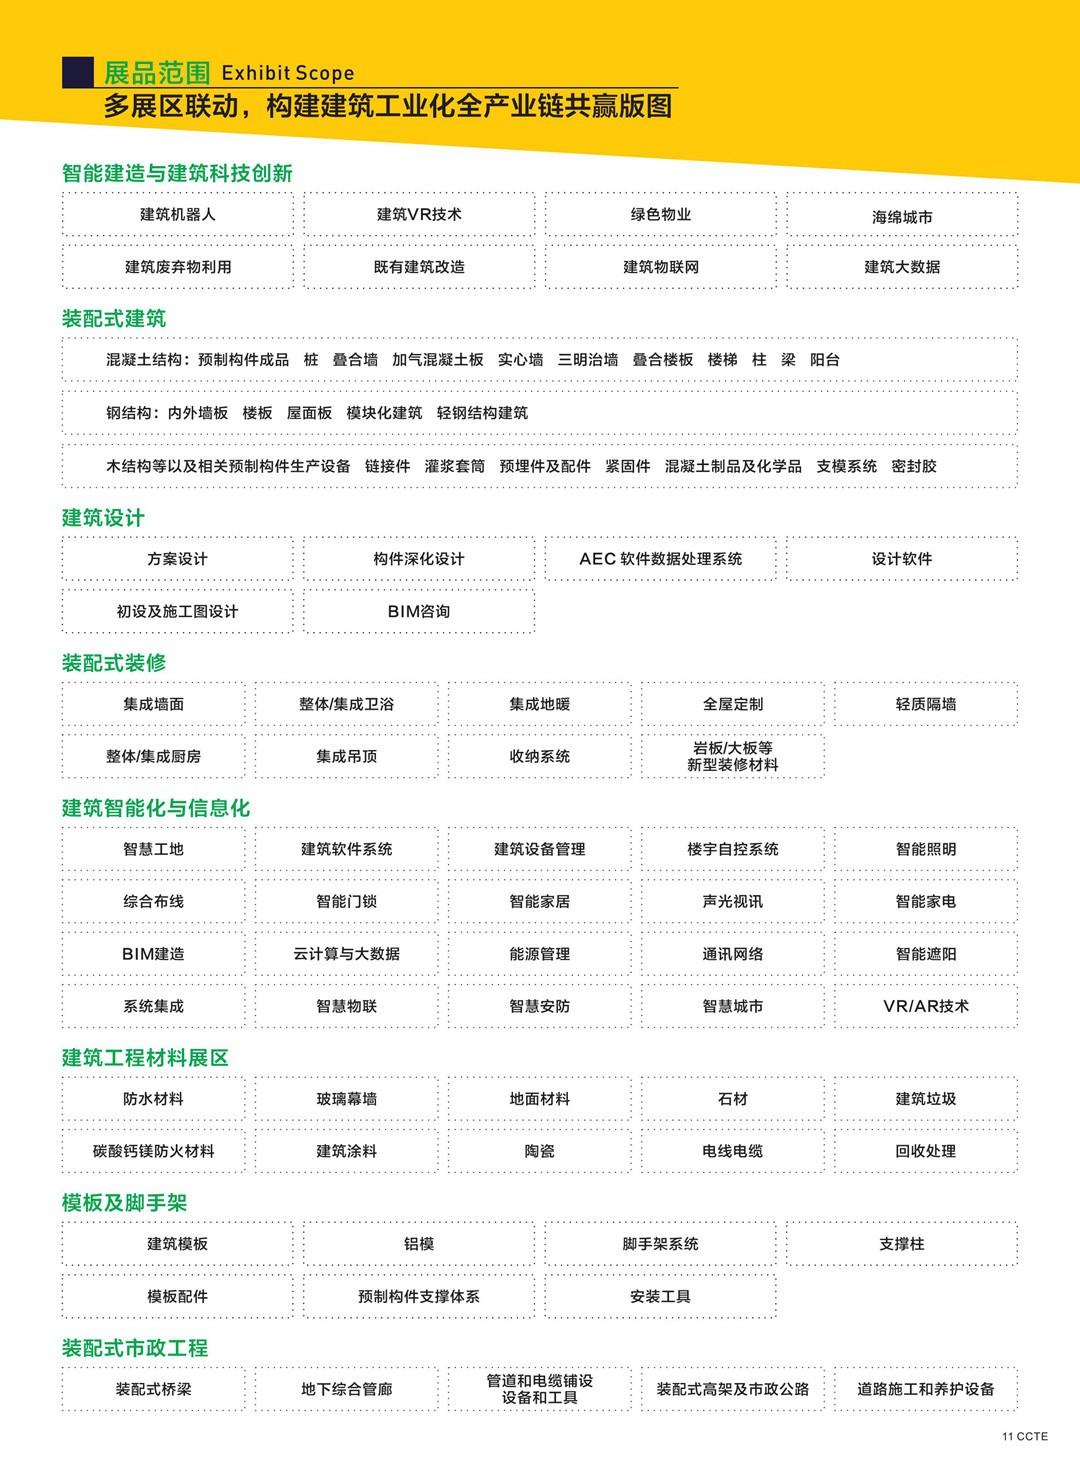 2021第十届广东新型建筑工业化与装配式建筑展览会_10.jpg